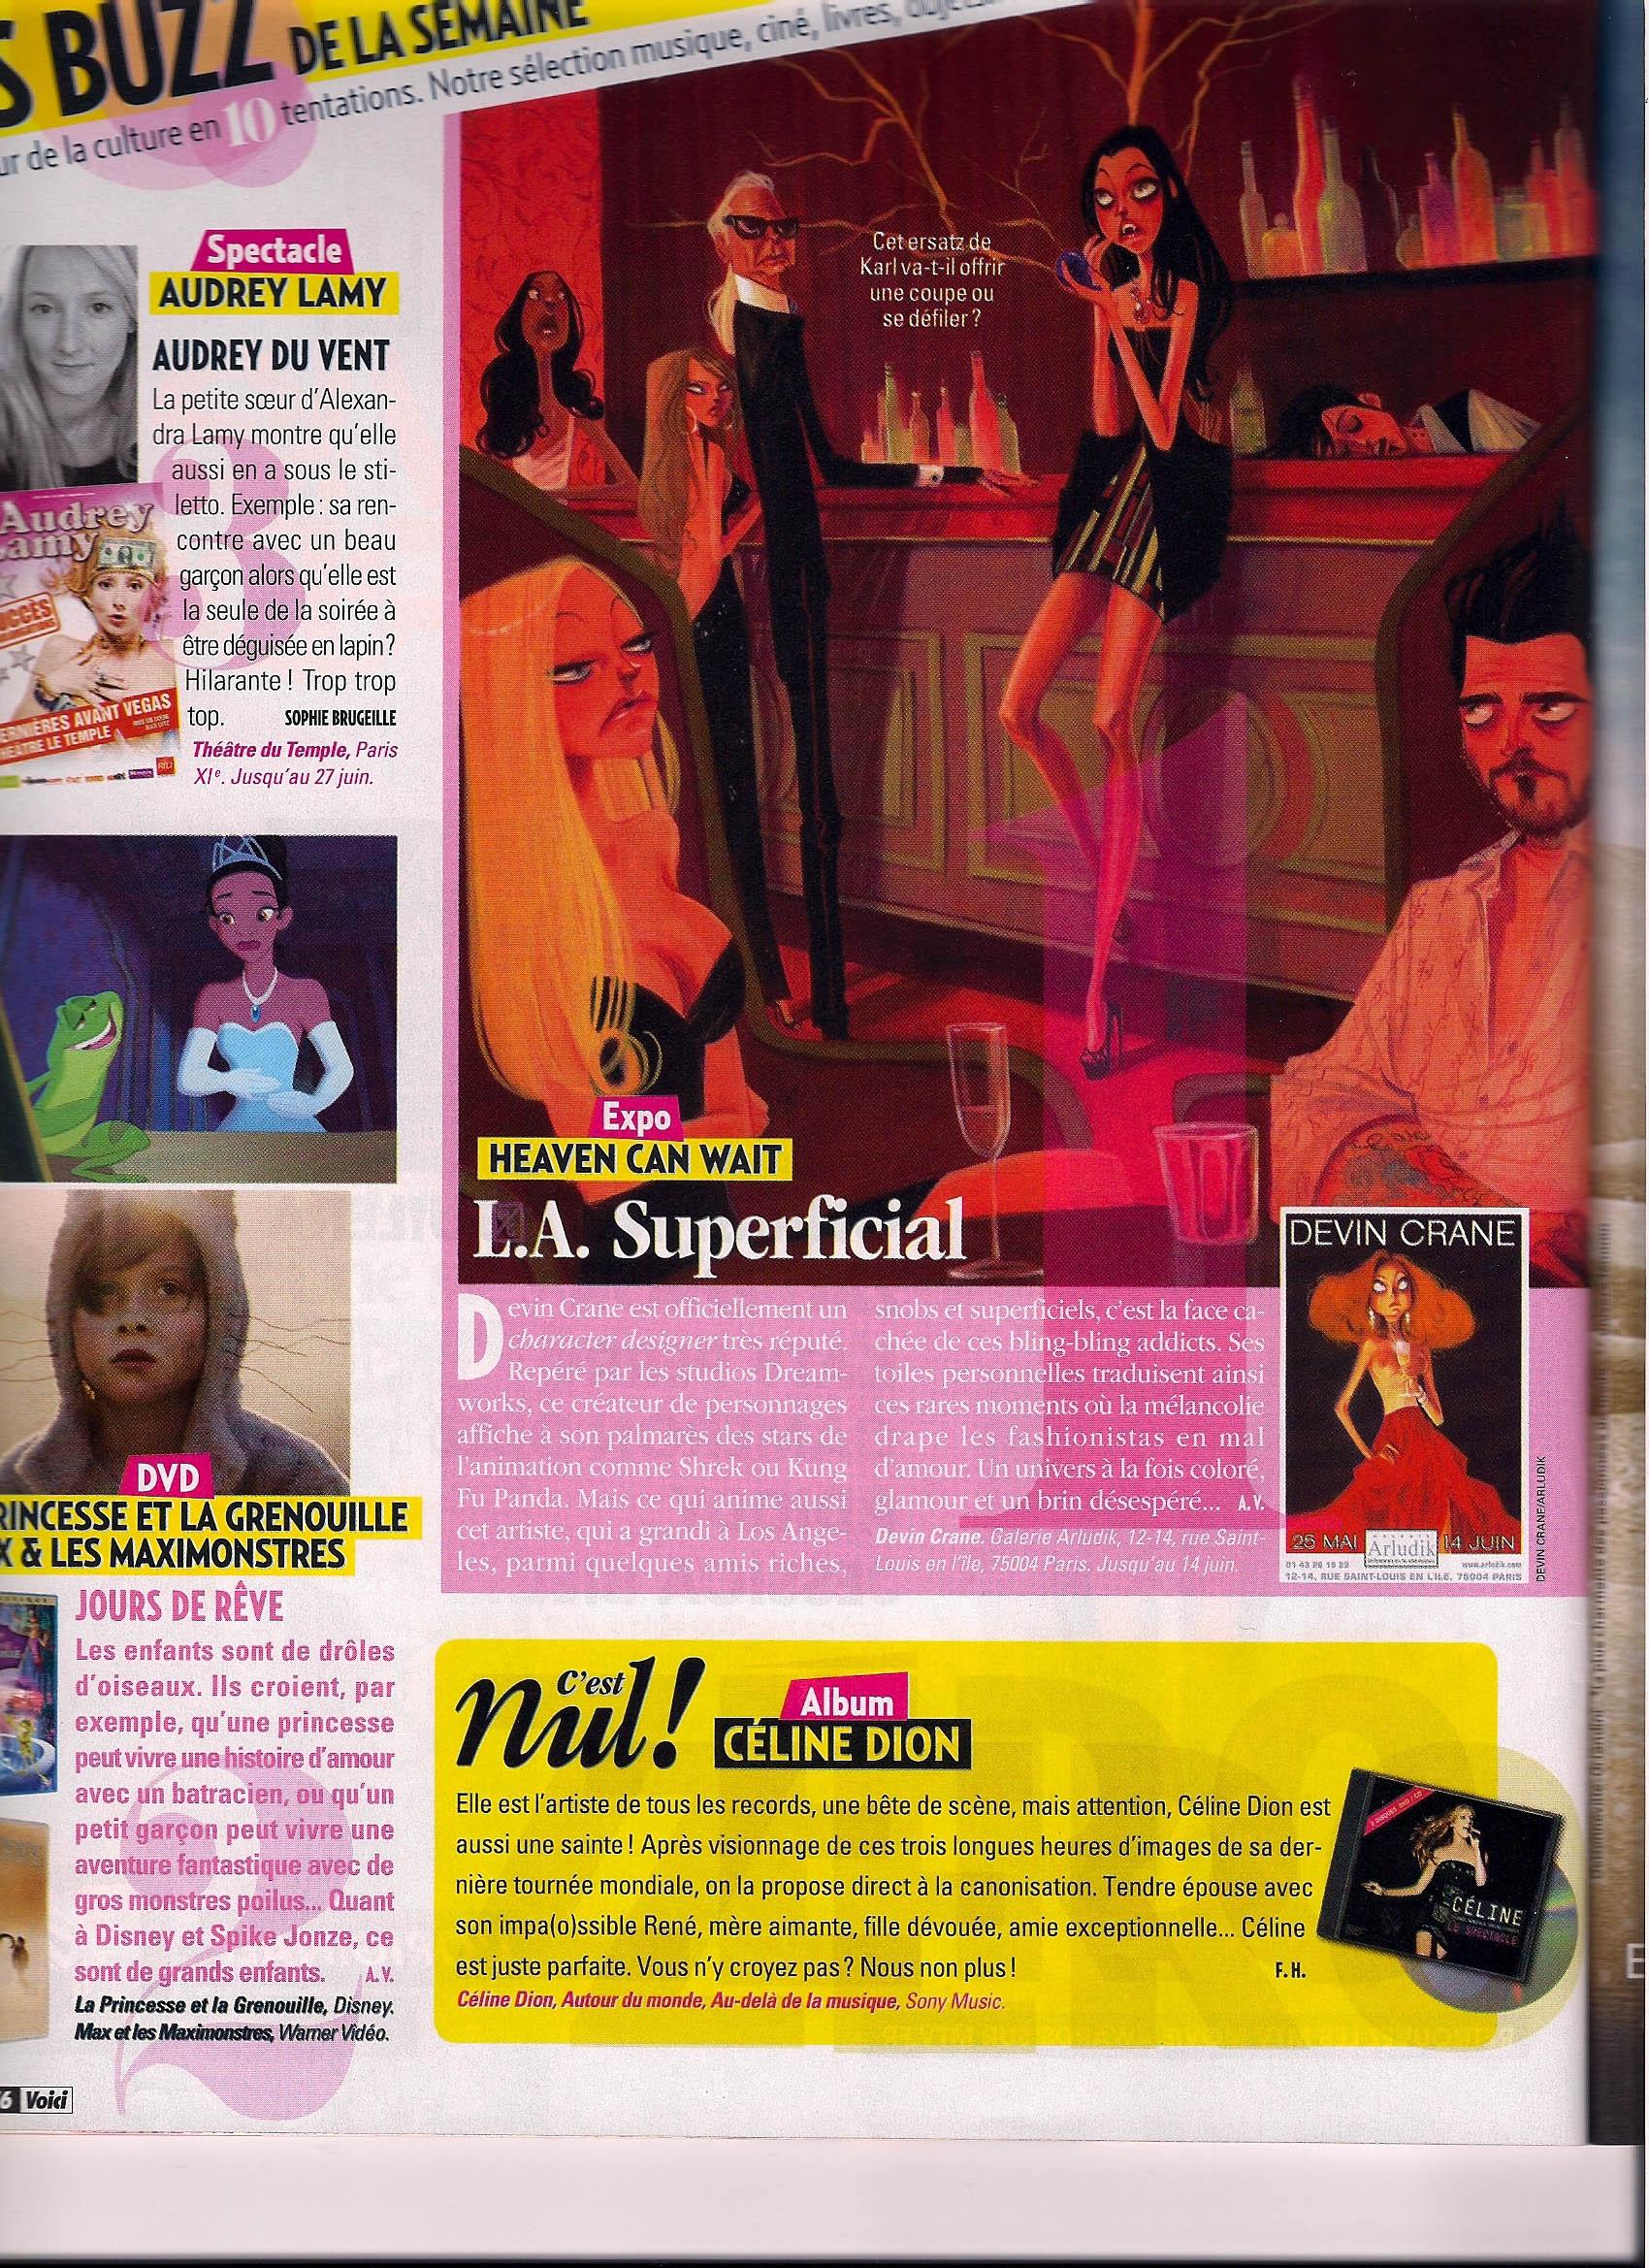 VoiciMagazine Article -